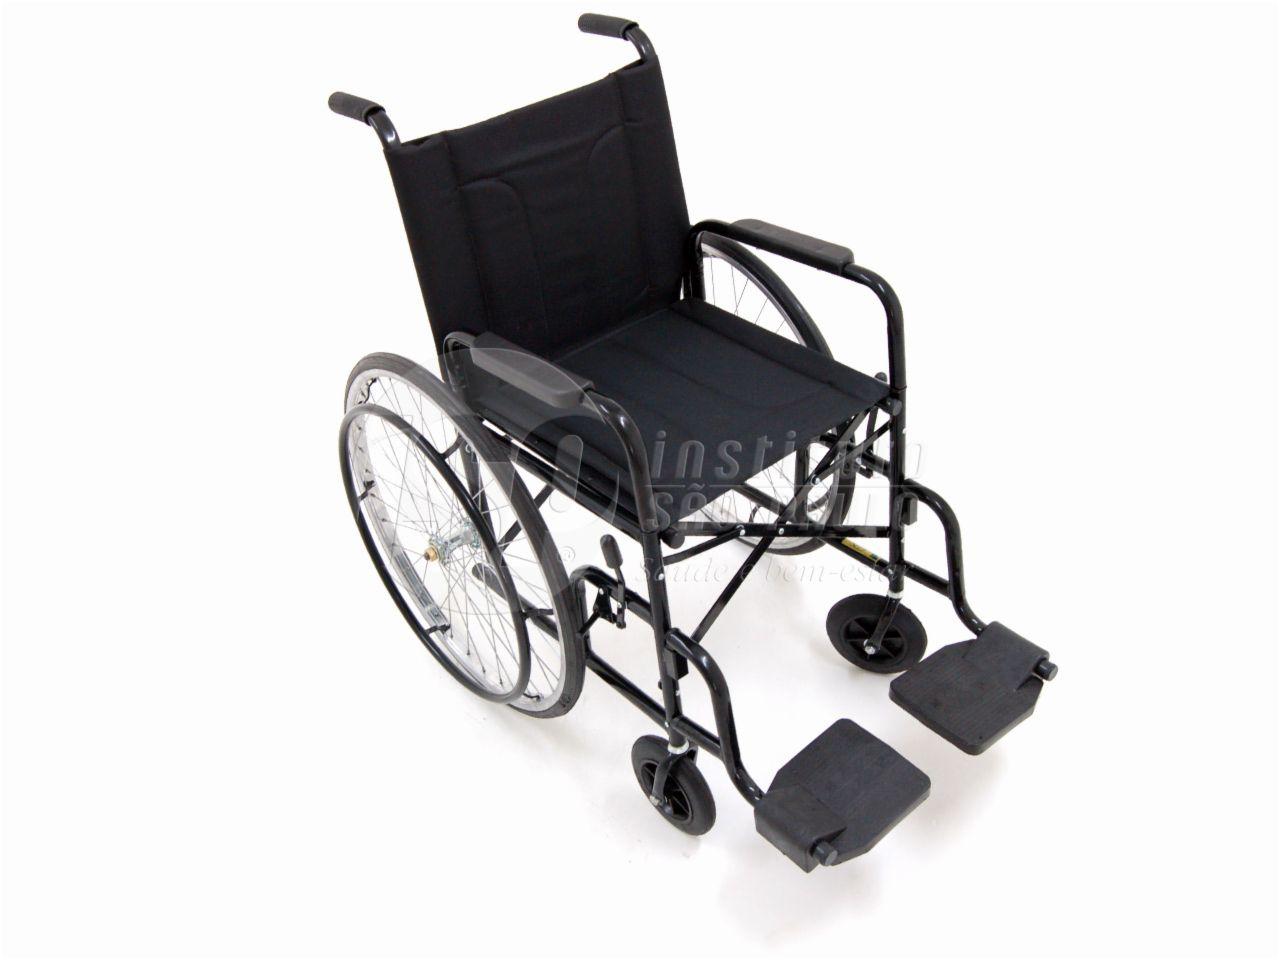 Cadeira De Rodas Cds M2000 Preta Com Pneus infláveis